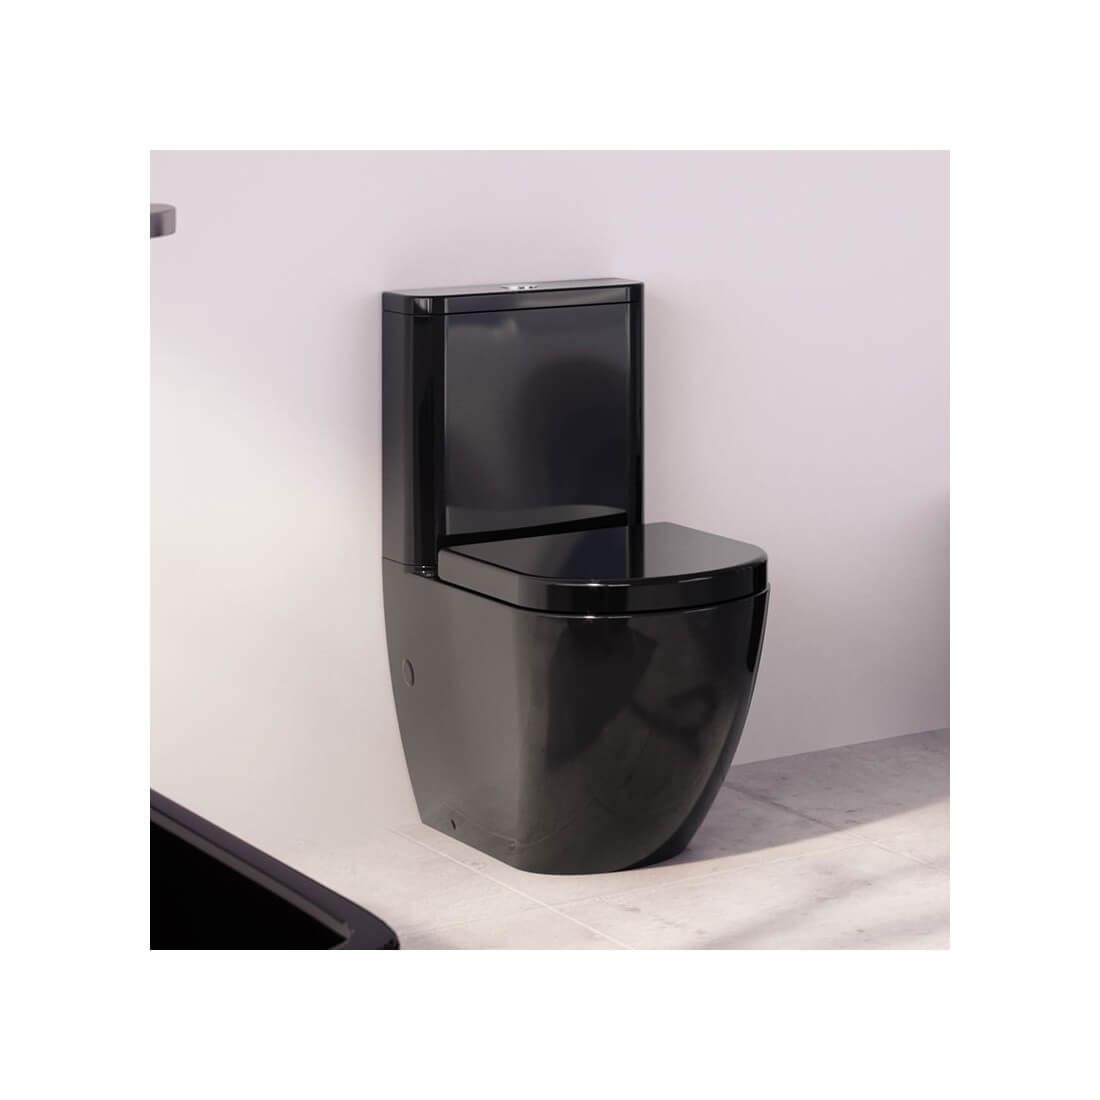 ▷ Comprar inodoro negro Verona Black de Fossil Natura. El mejor precio